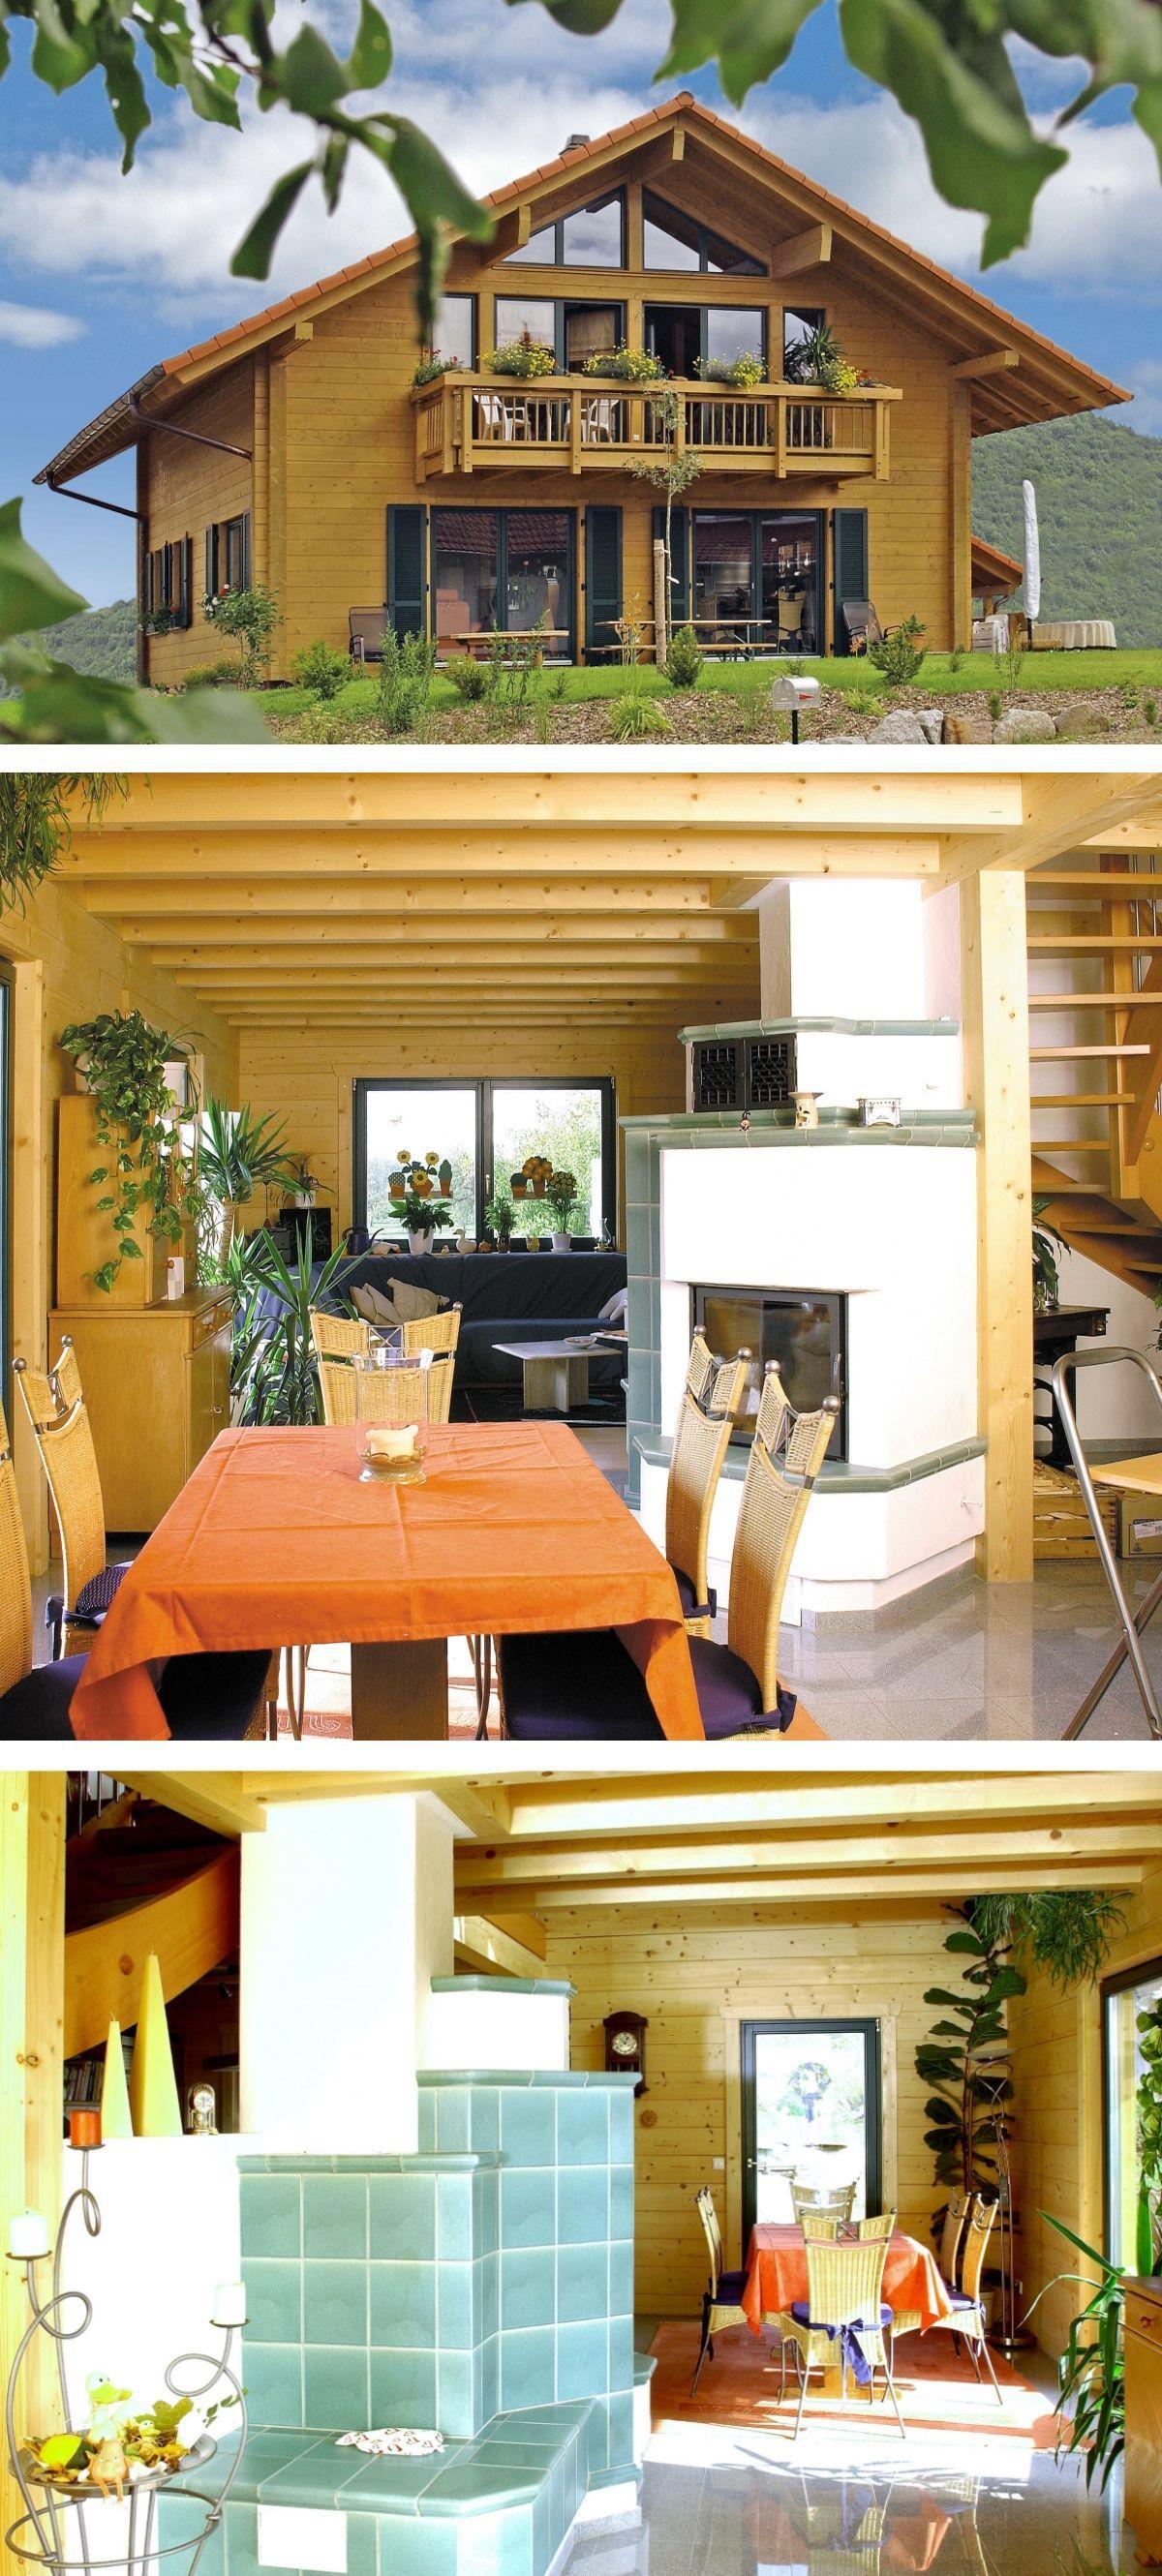 Modernes Landhaus im Alpenstil mit Satteldach Architektur